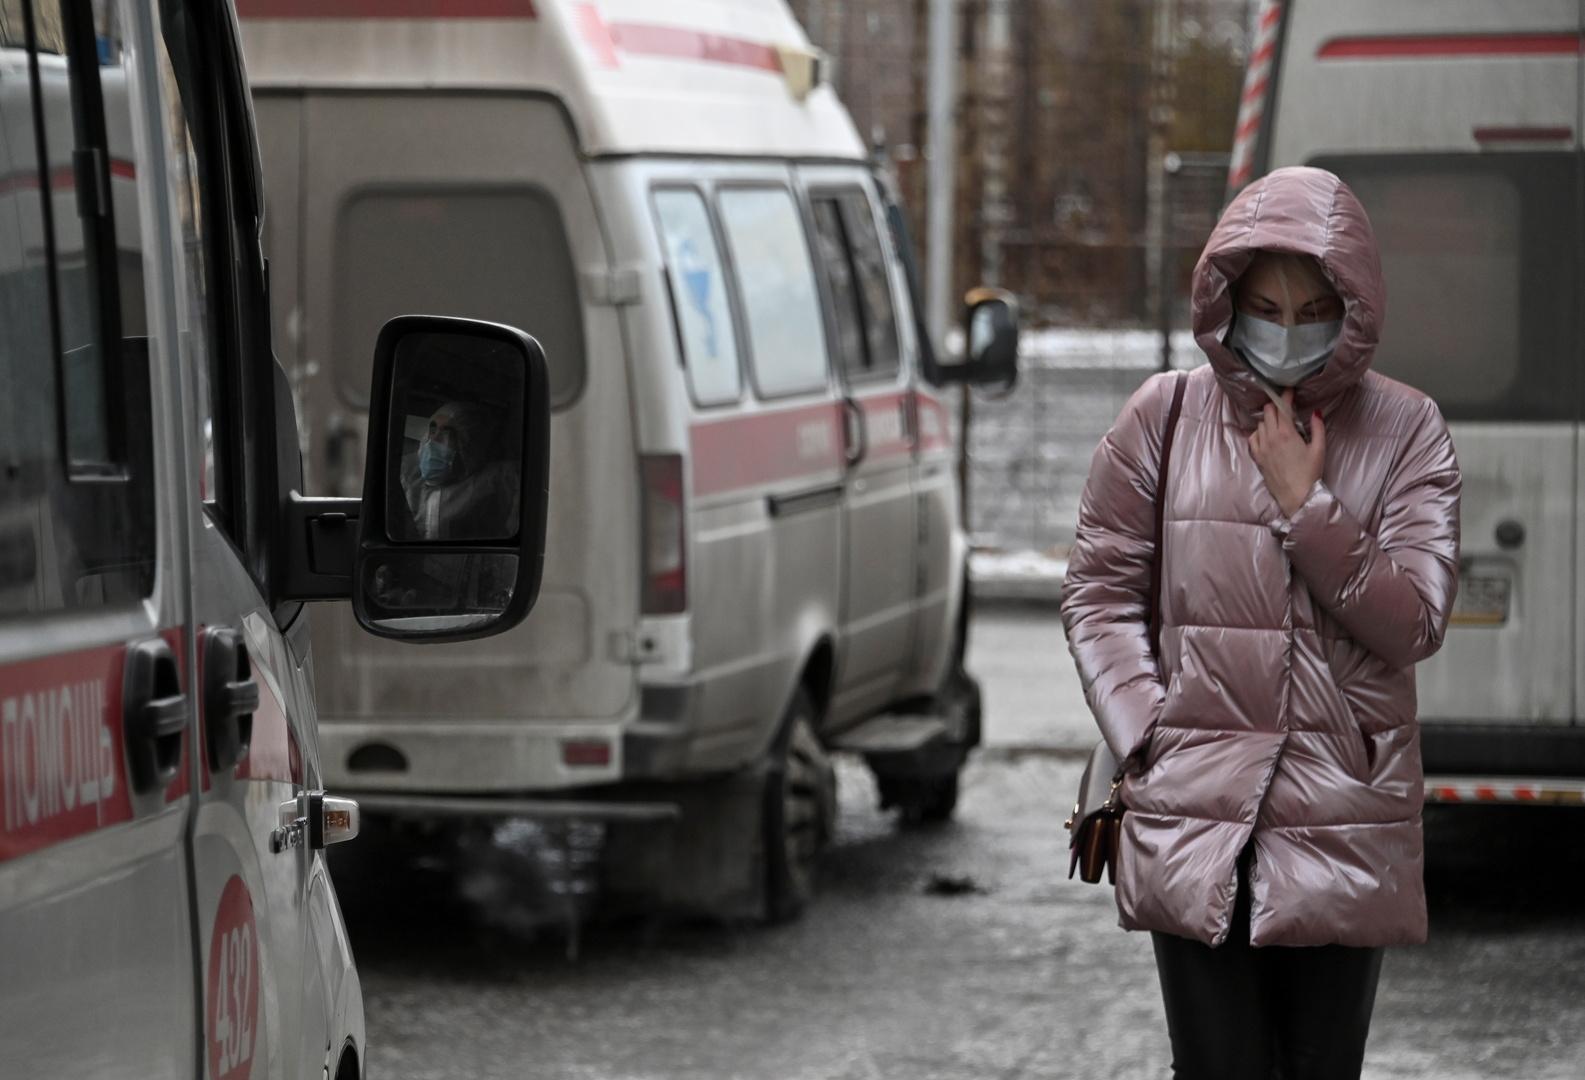 بالأرقام.. كيف أثر كورونا على مؤشر الوفيات في روسيا؟